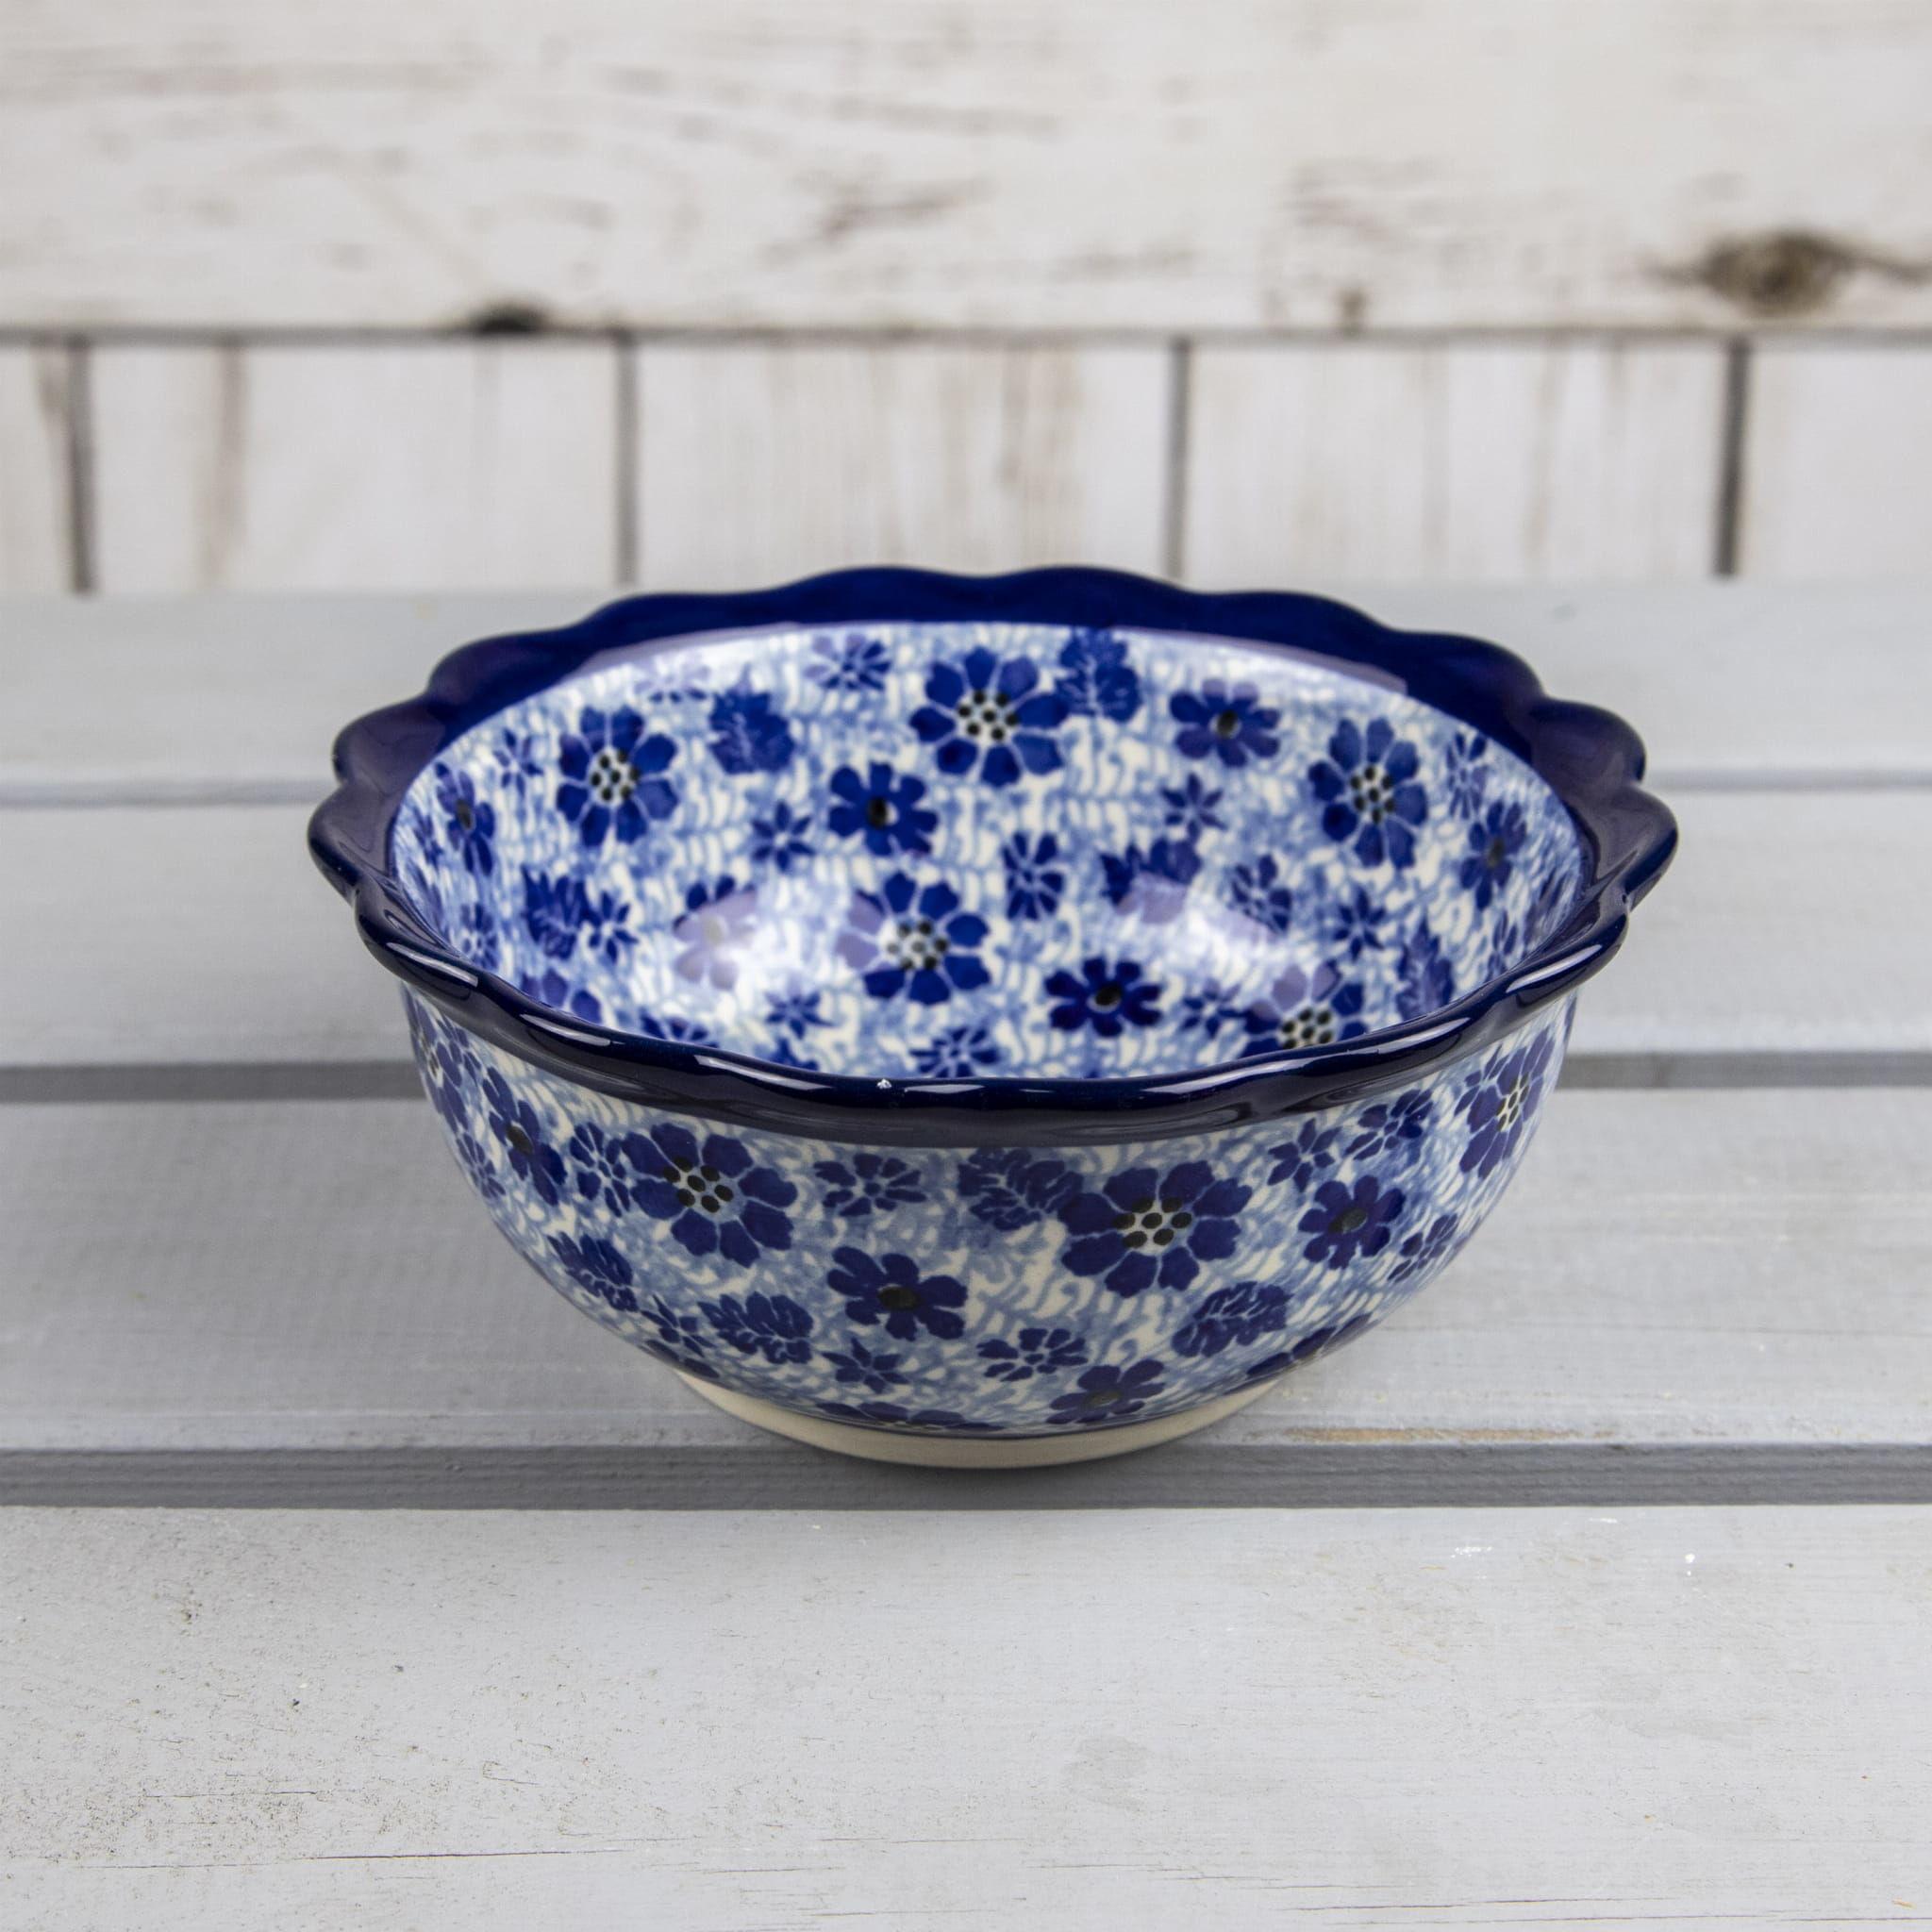 Miska 15cm ceramiczna, Bolesławiec